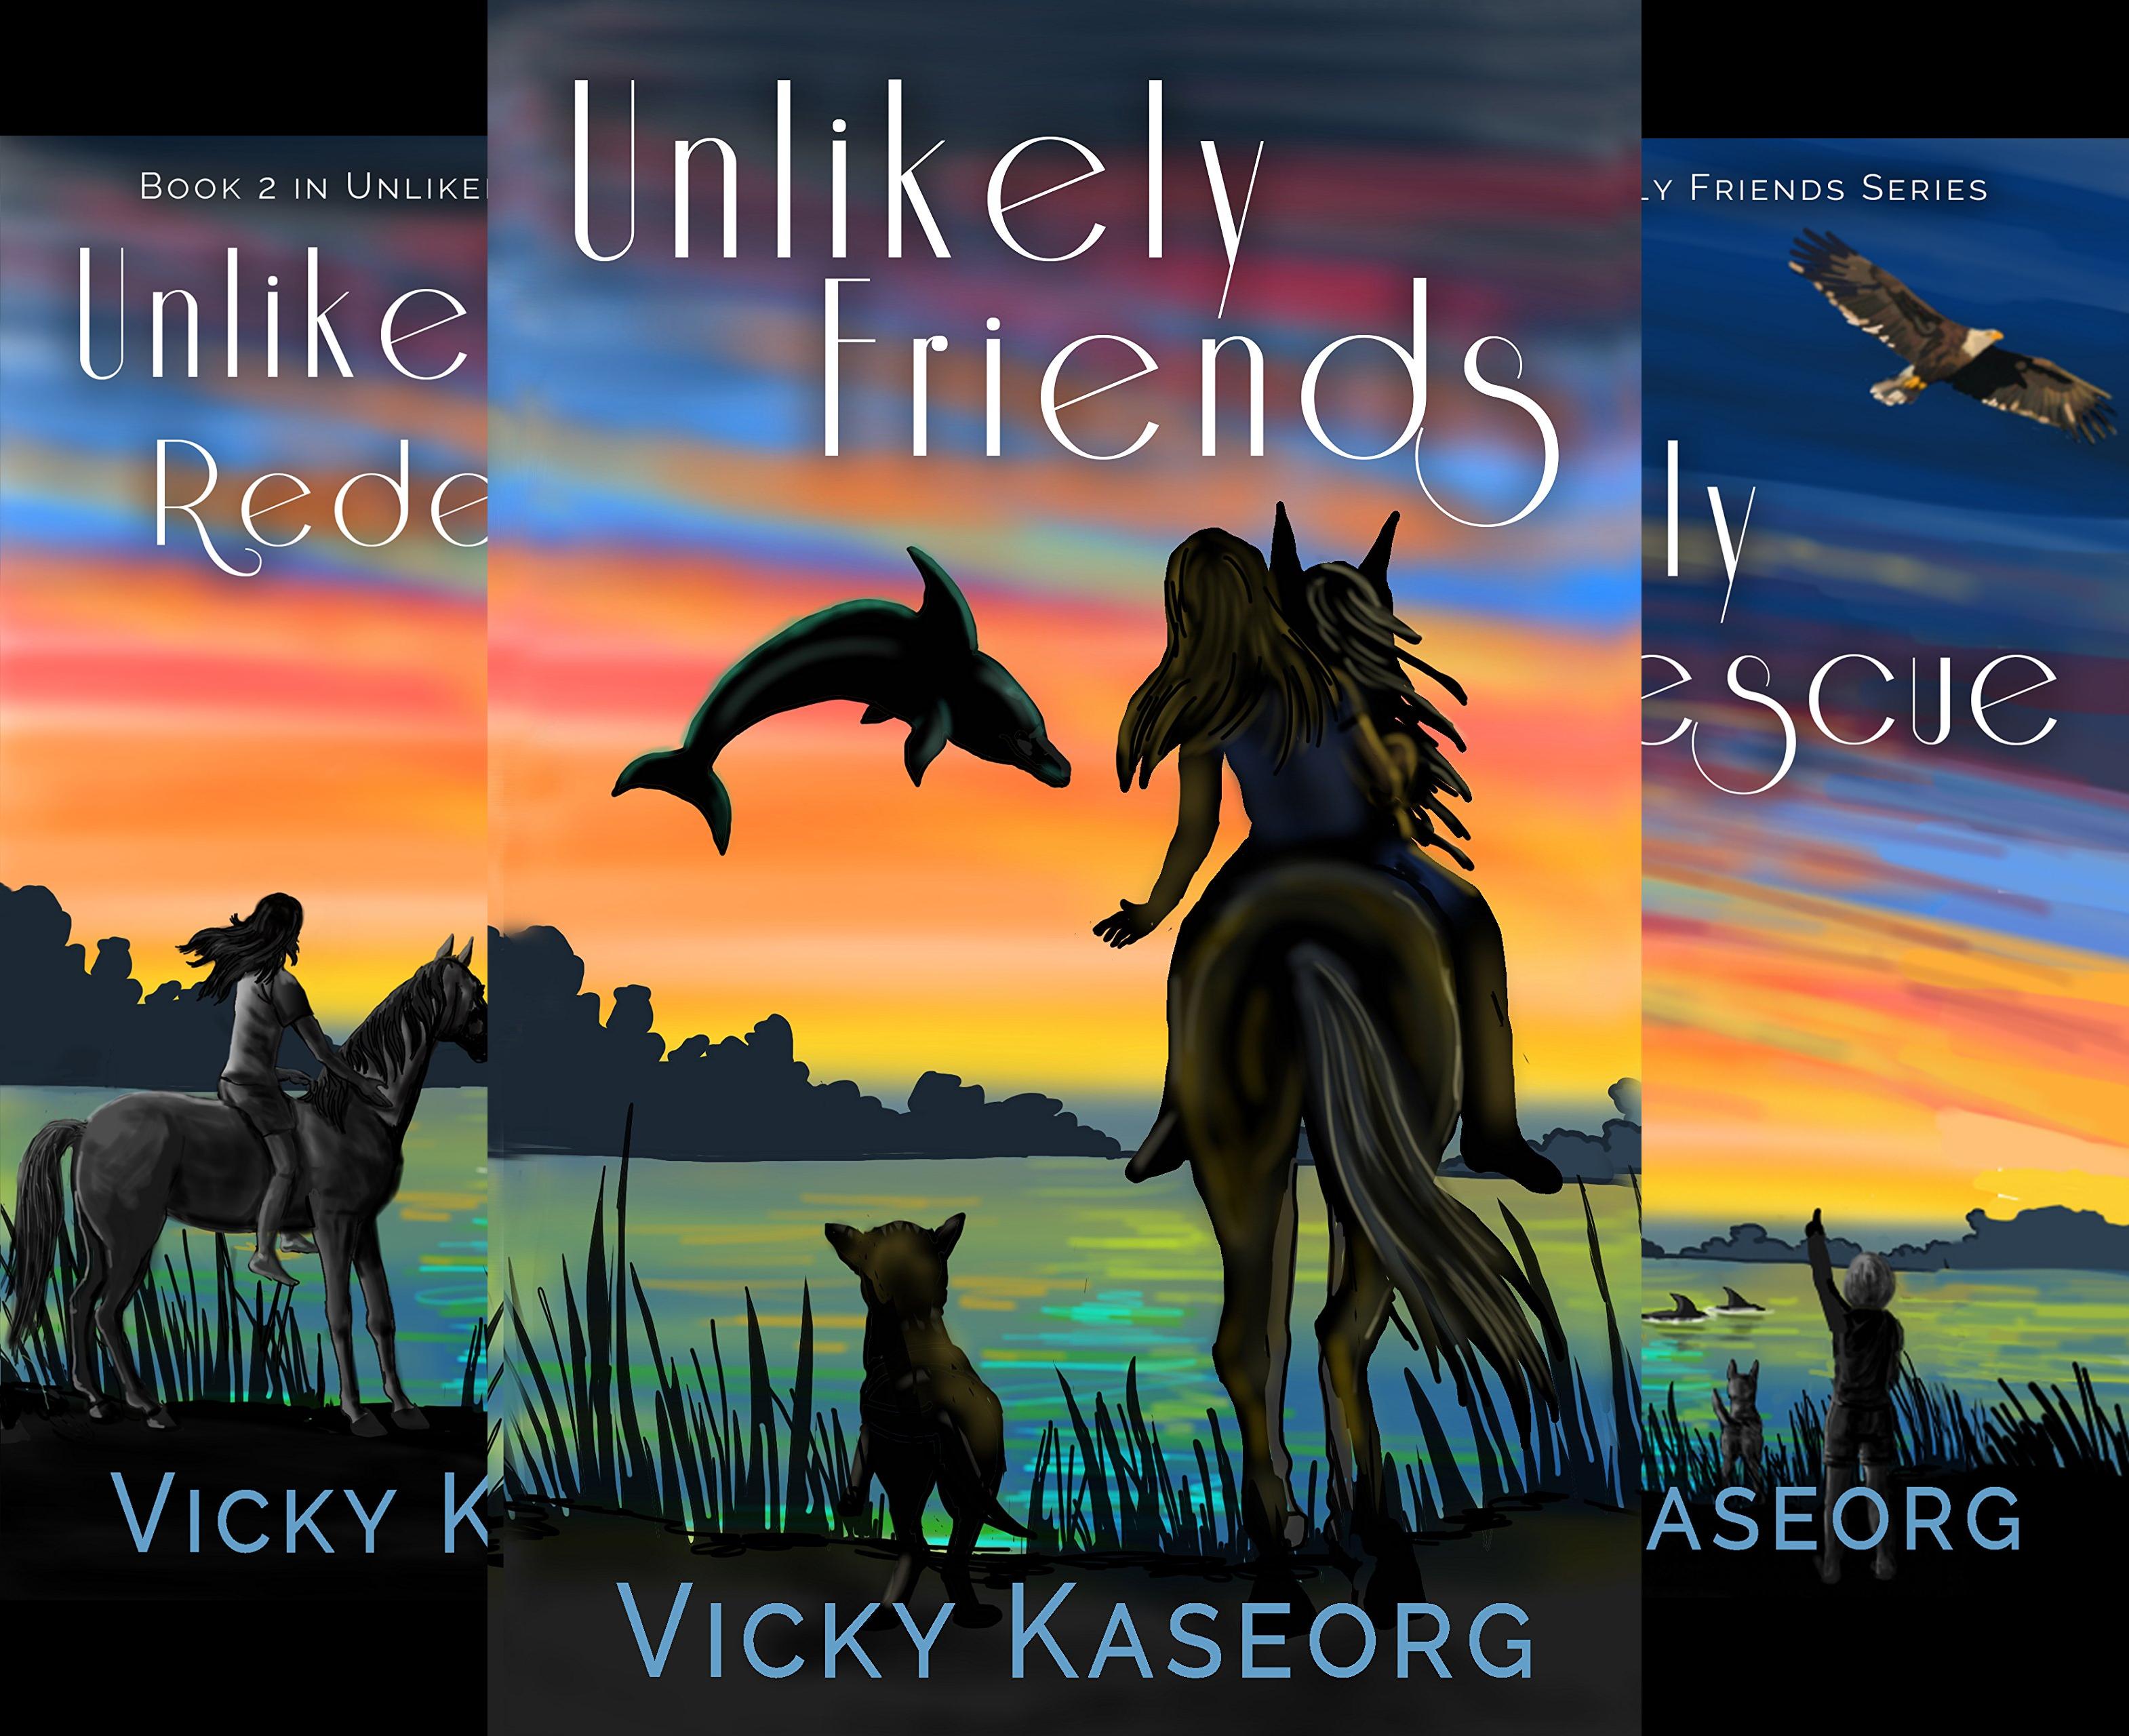 Unlikely Friends Series (3 Book Series)